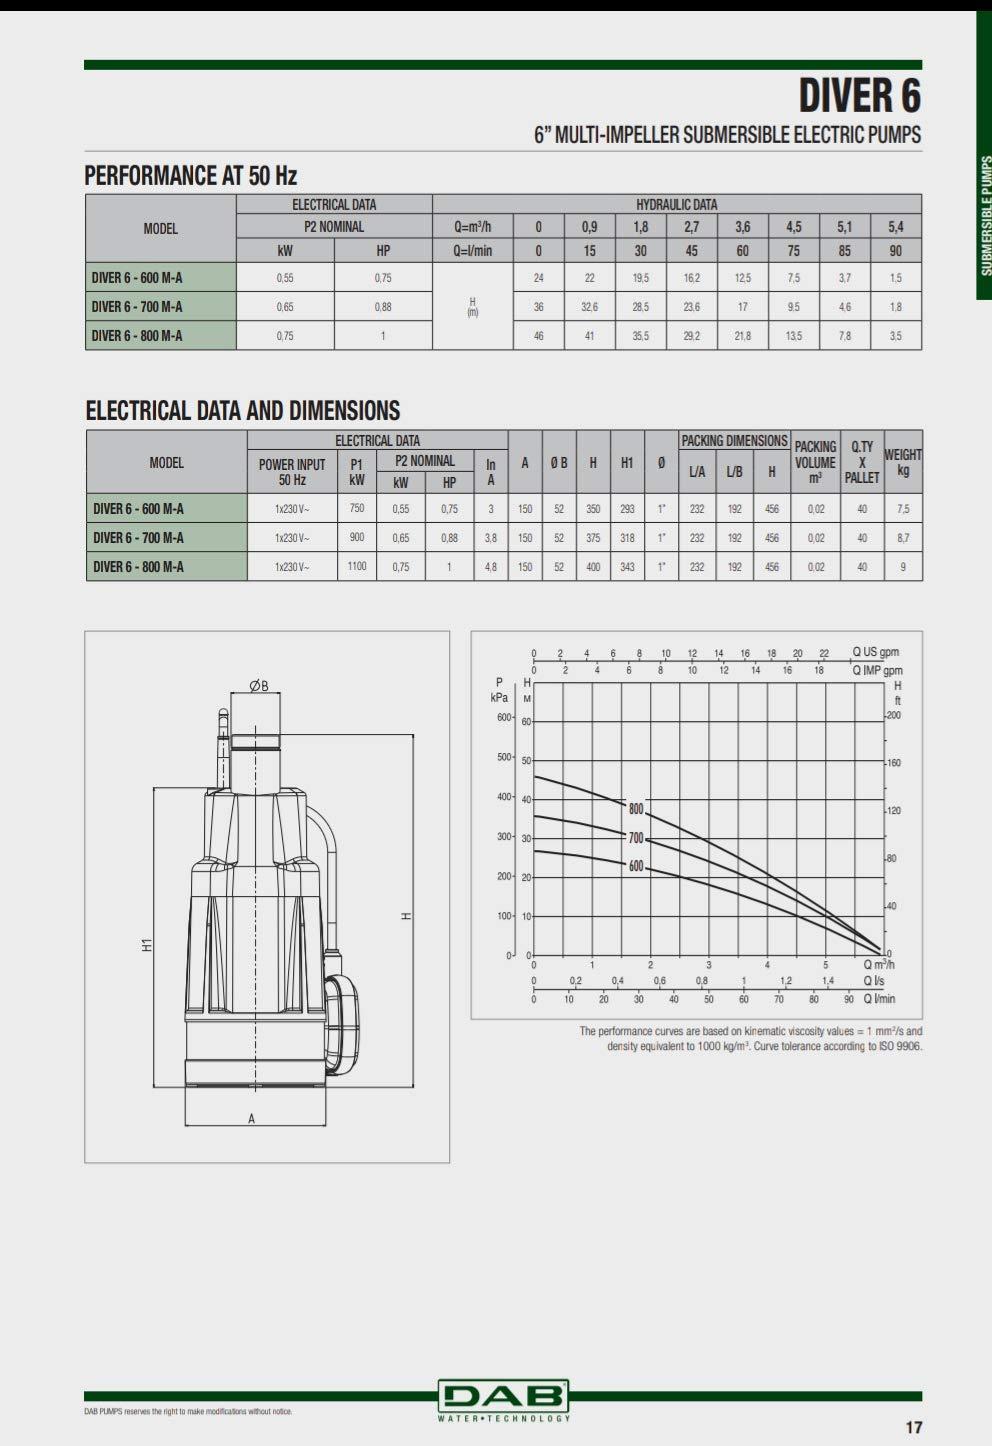 Elettropompa Dab diver 6-700